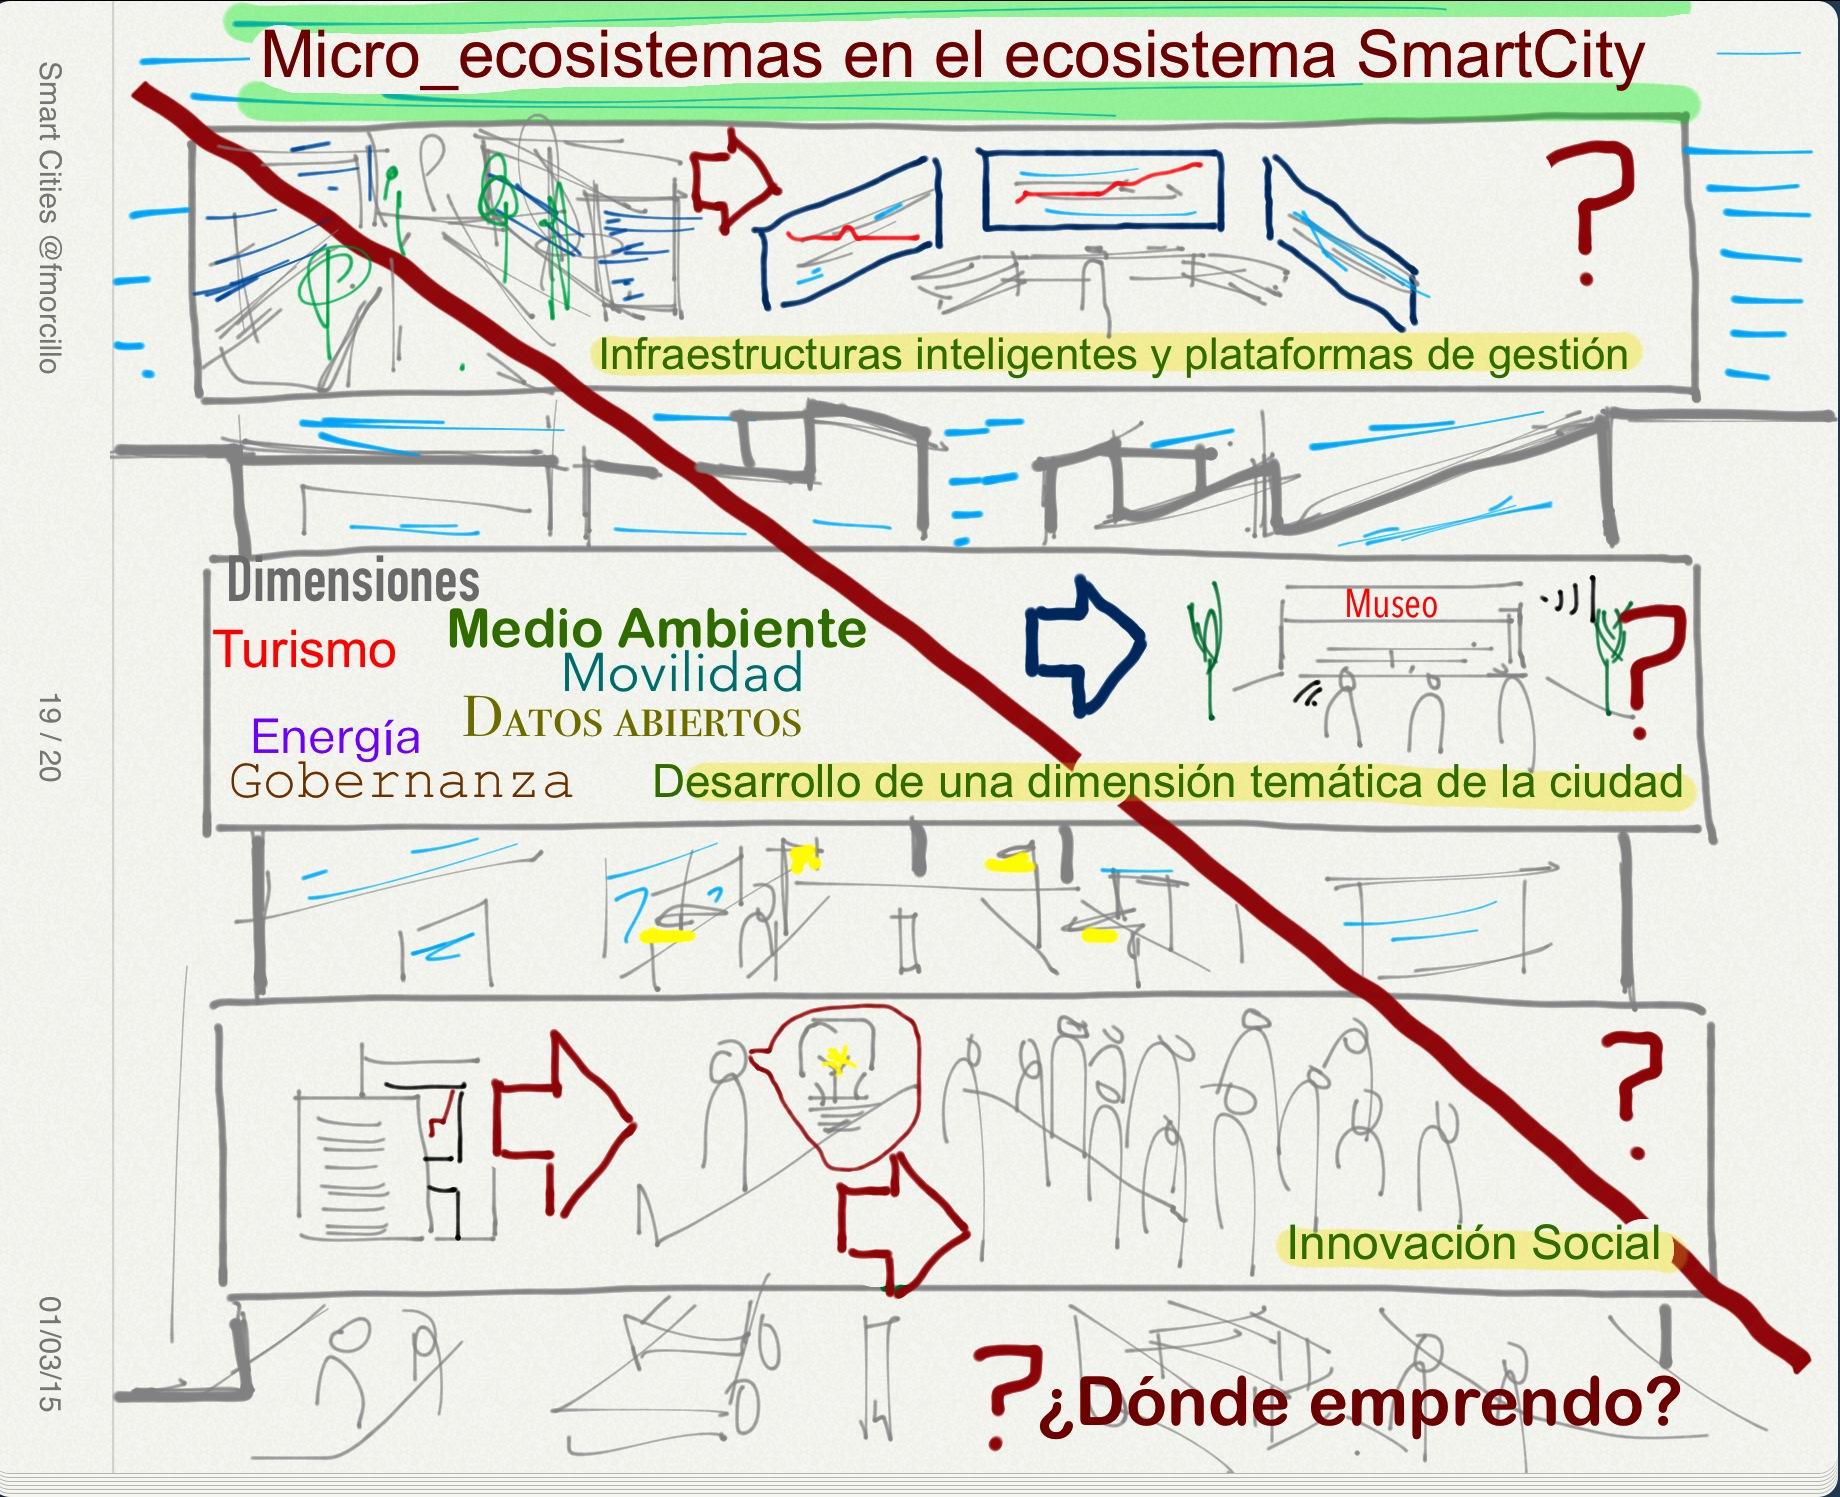 Micro_Ecosistemas Smart City